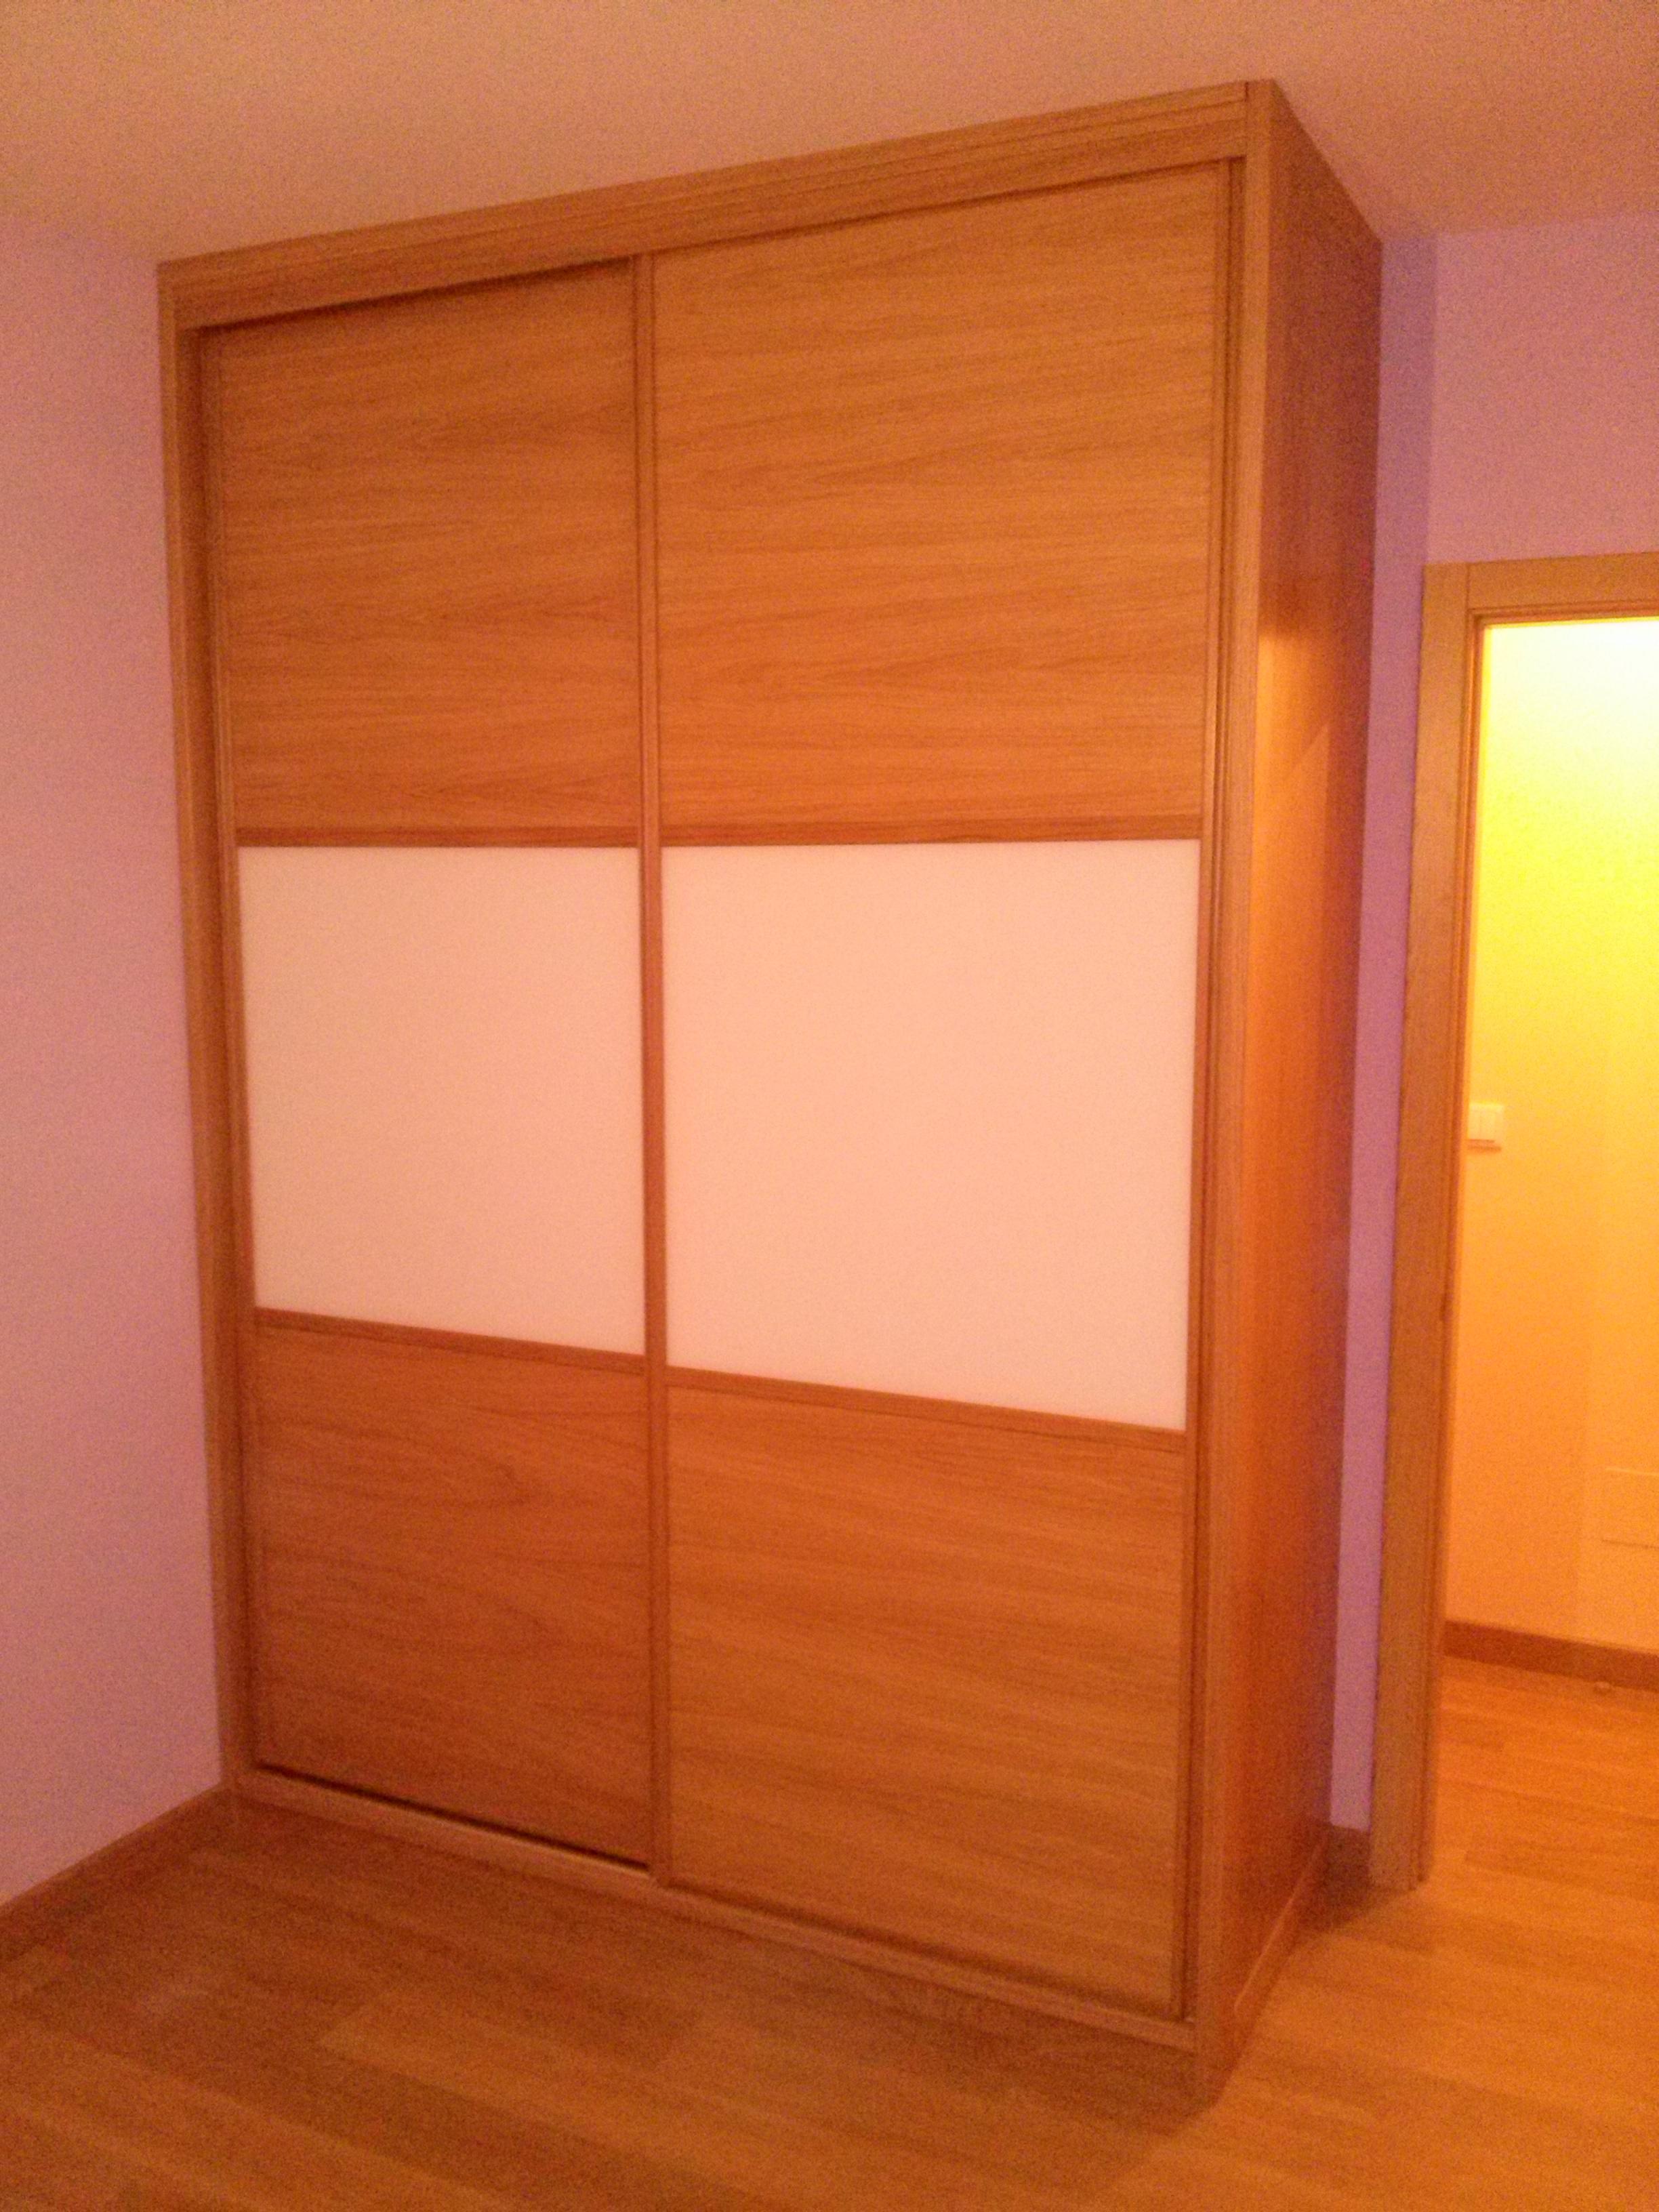 Carpinteria olcar fotos armarios empotrados cartes - Puertas para armario empotrado ...